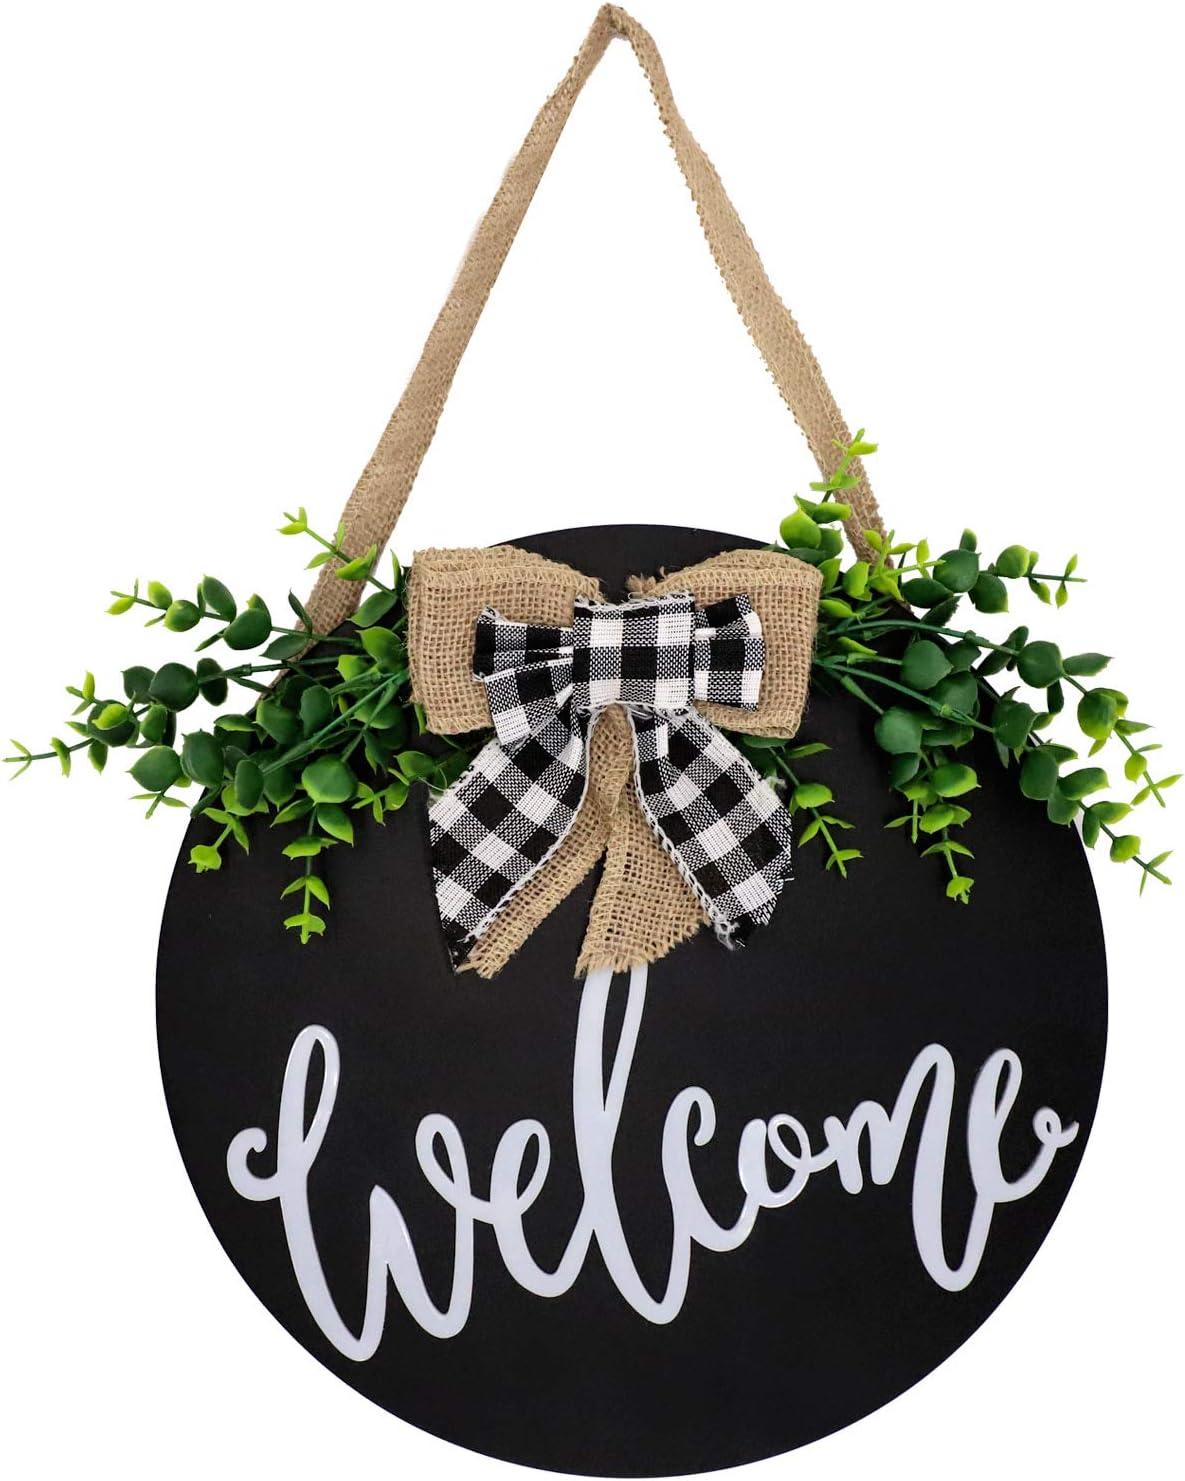 3D Welcome Sign for Front Door   Black Round Wooden Front Door Wreaths   Farmhouse Door Hanger for Front Door/Wall Decor